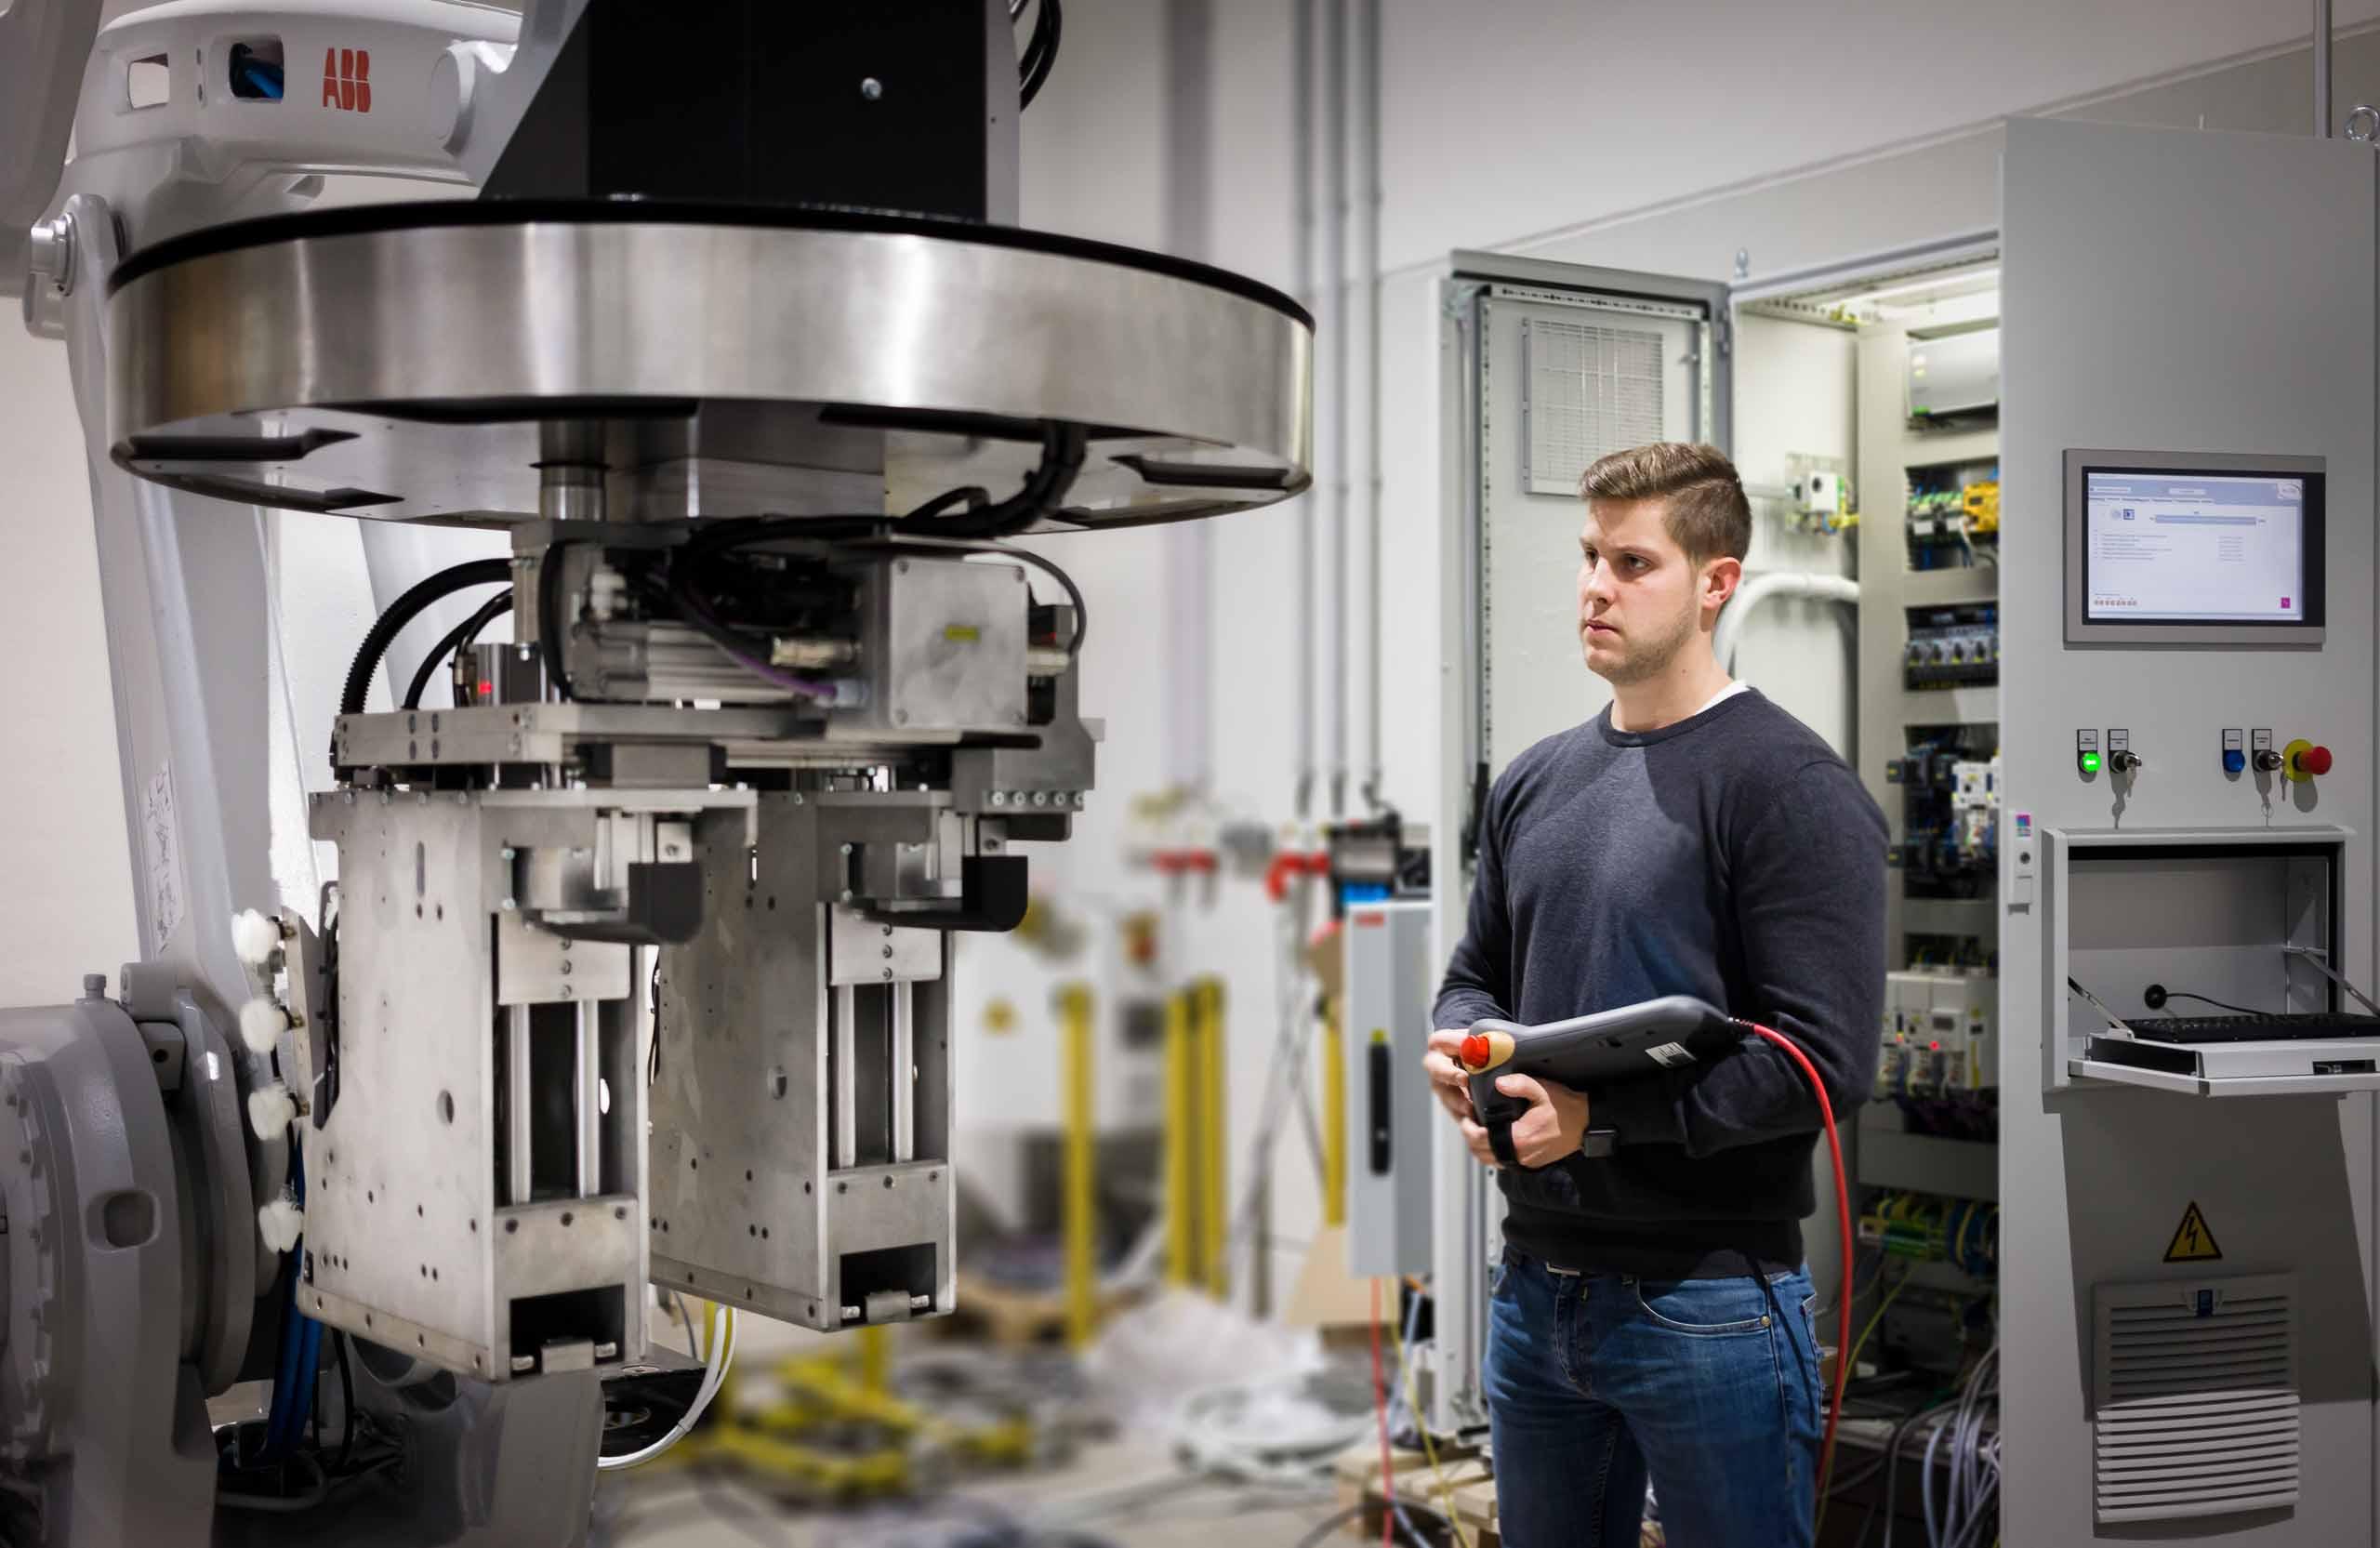 Mechatroniker bei der Arbeit in Werkshalle